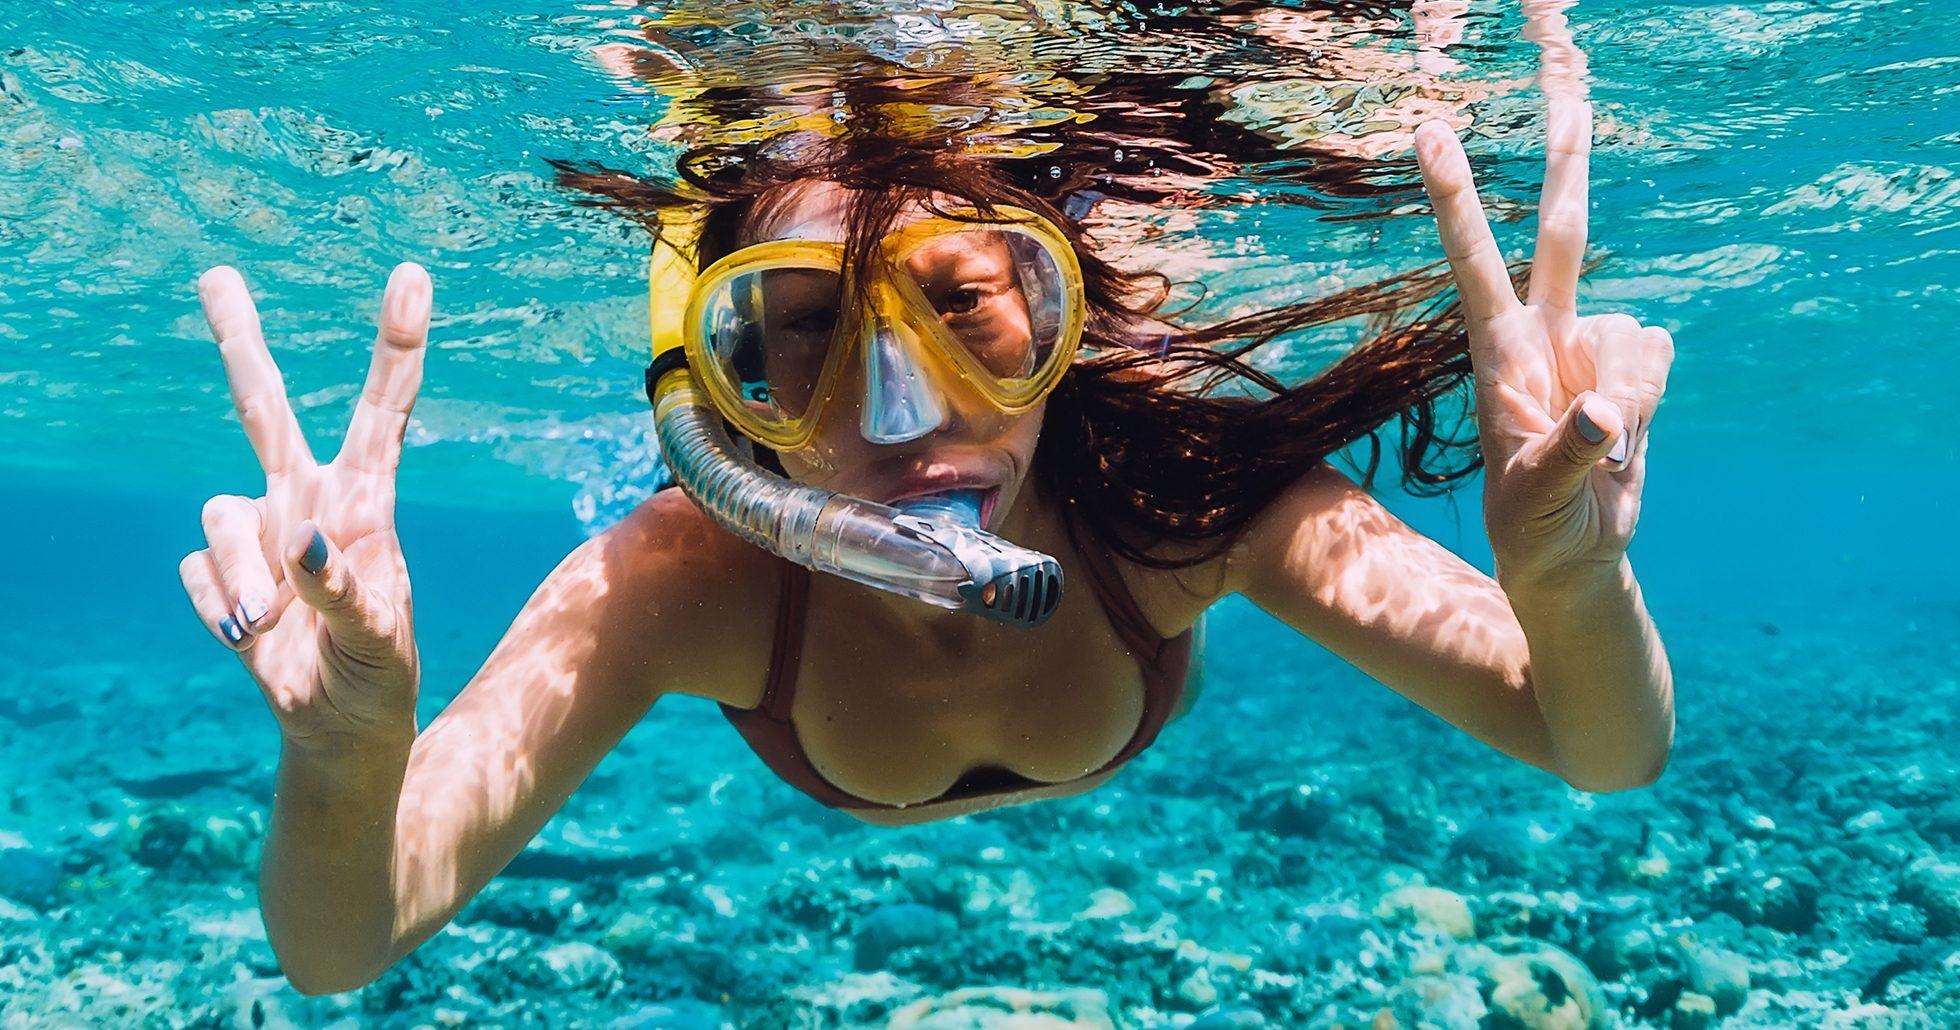 Kvinna simmar under vattenytan med cyklop